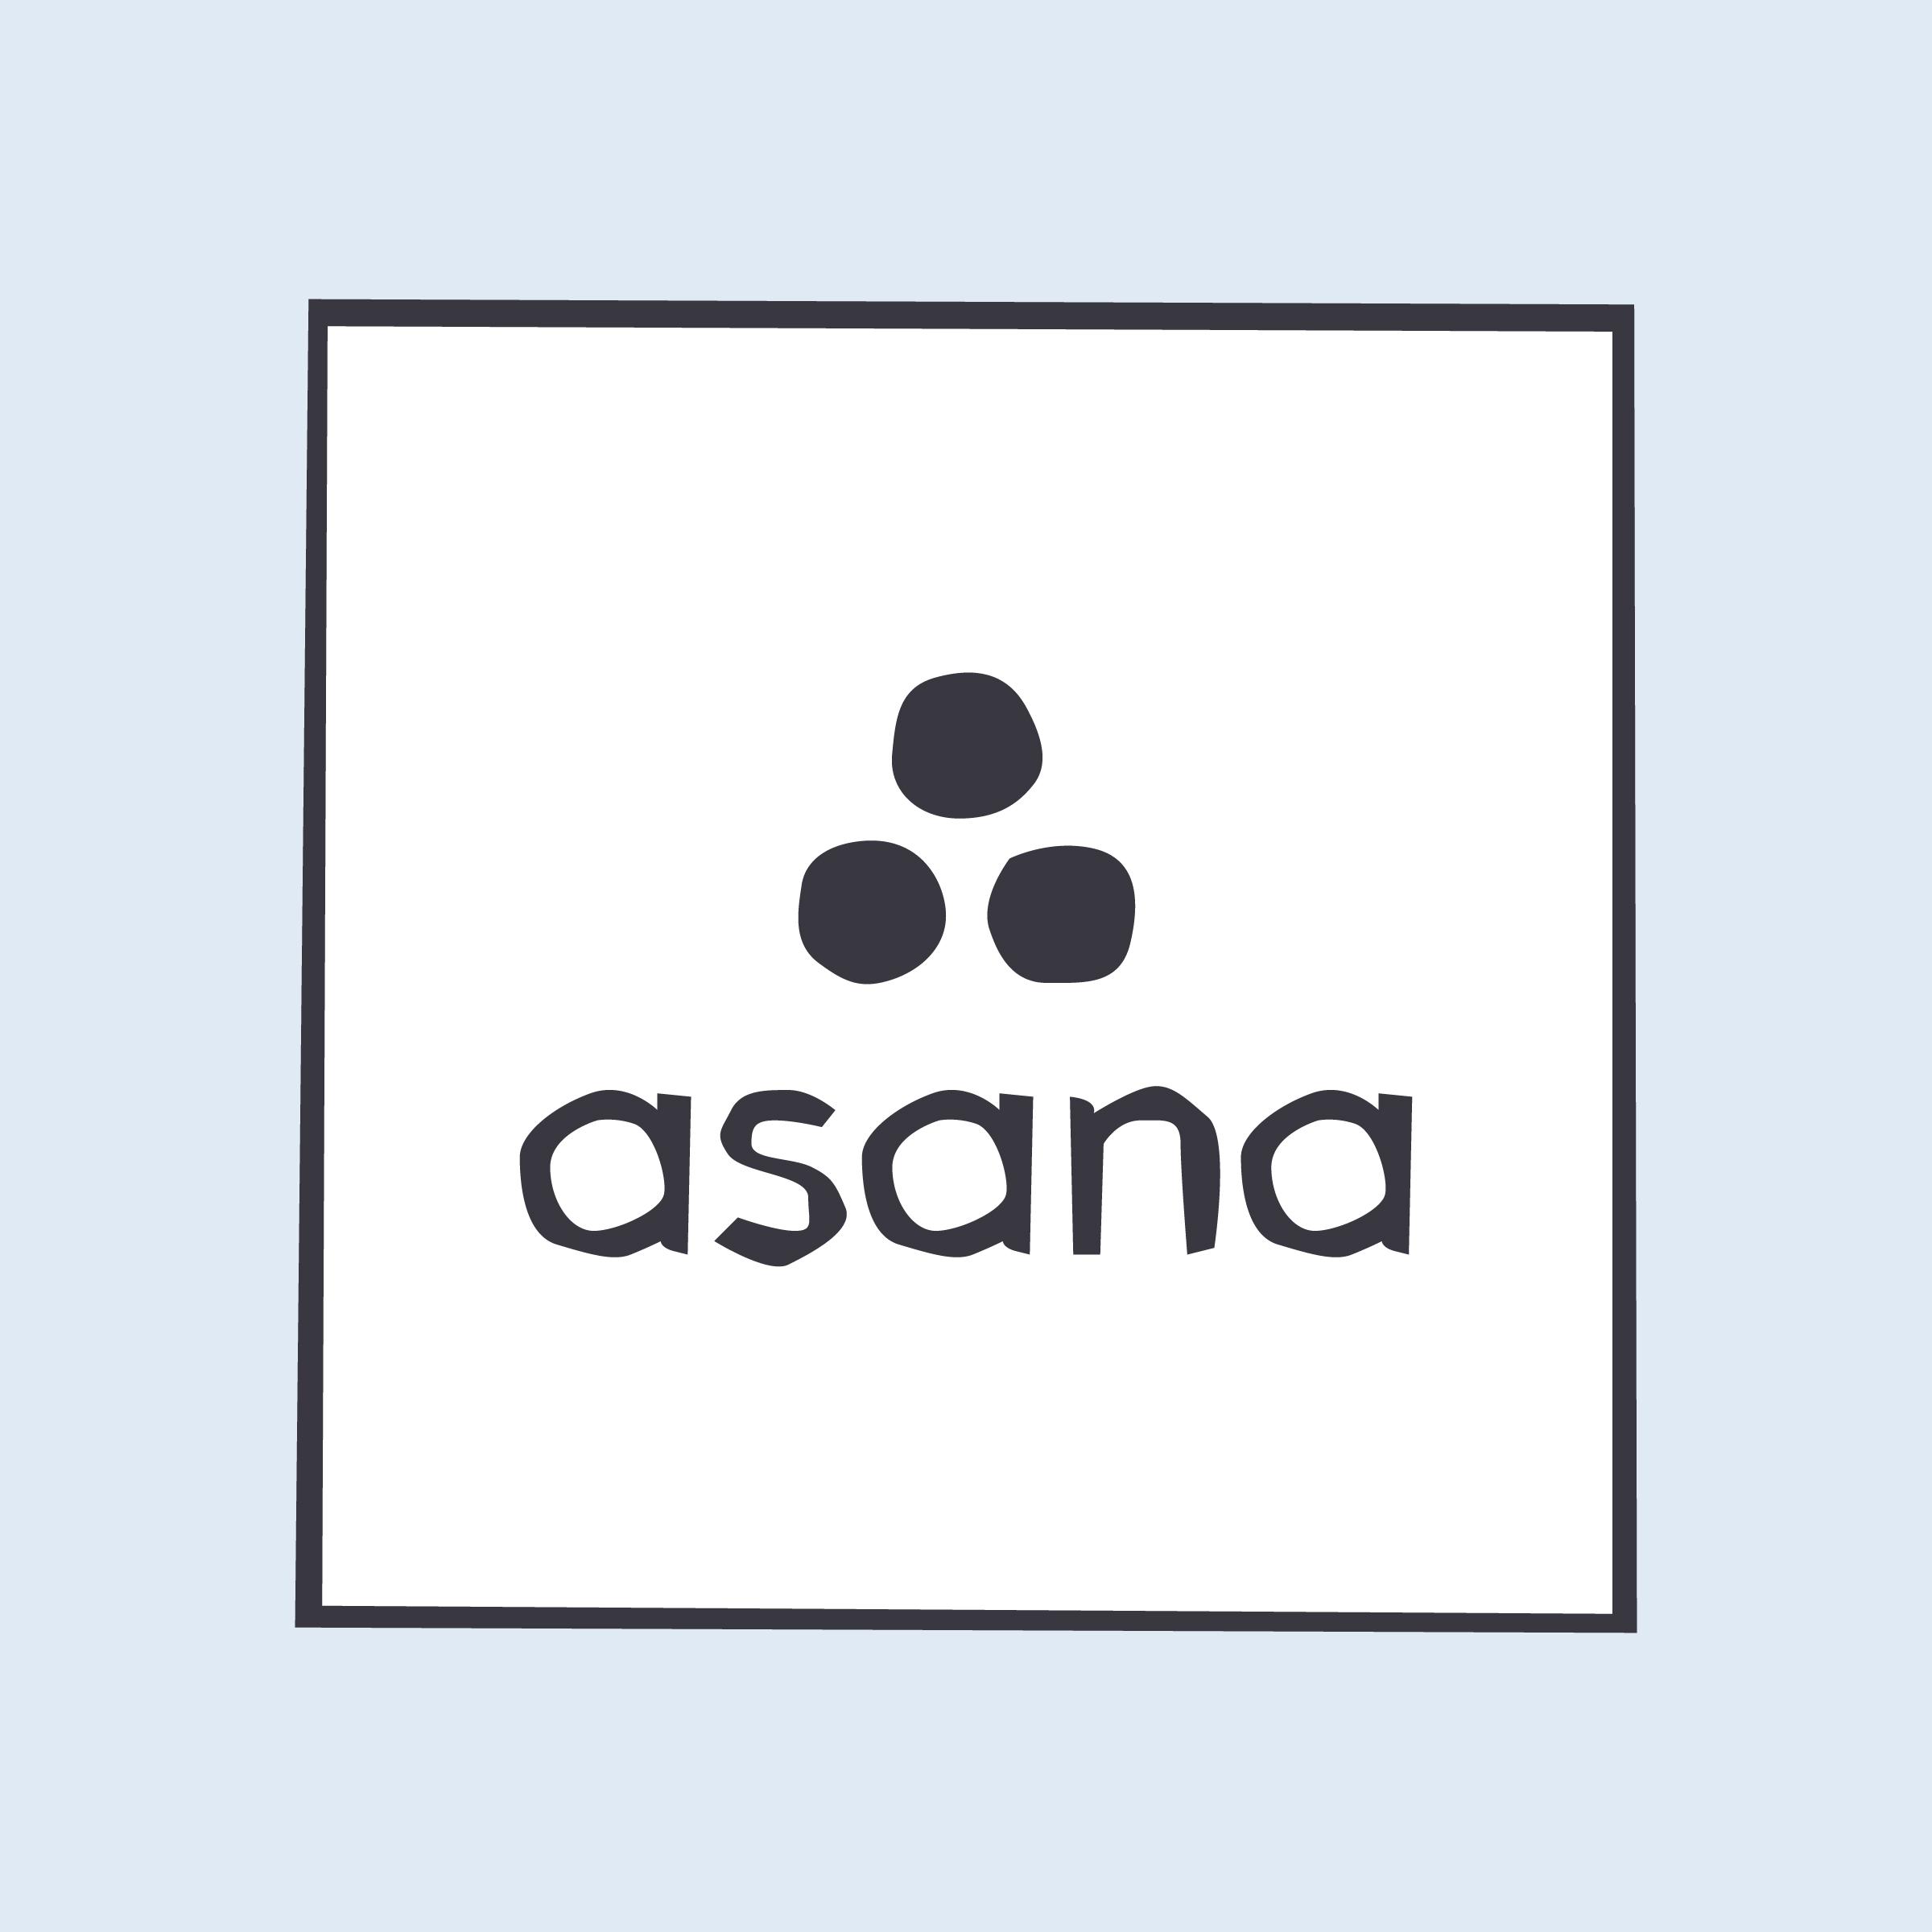 asana-01.jpg